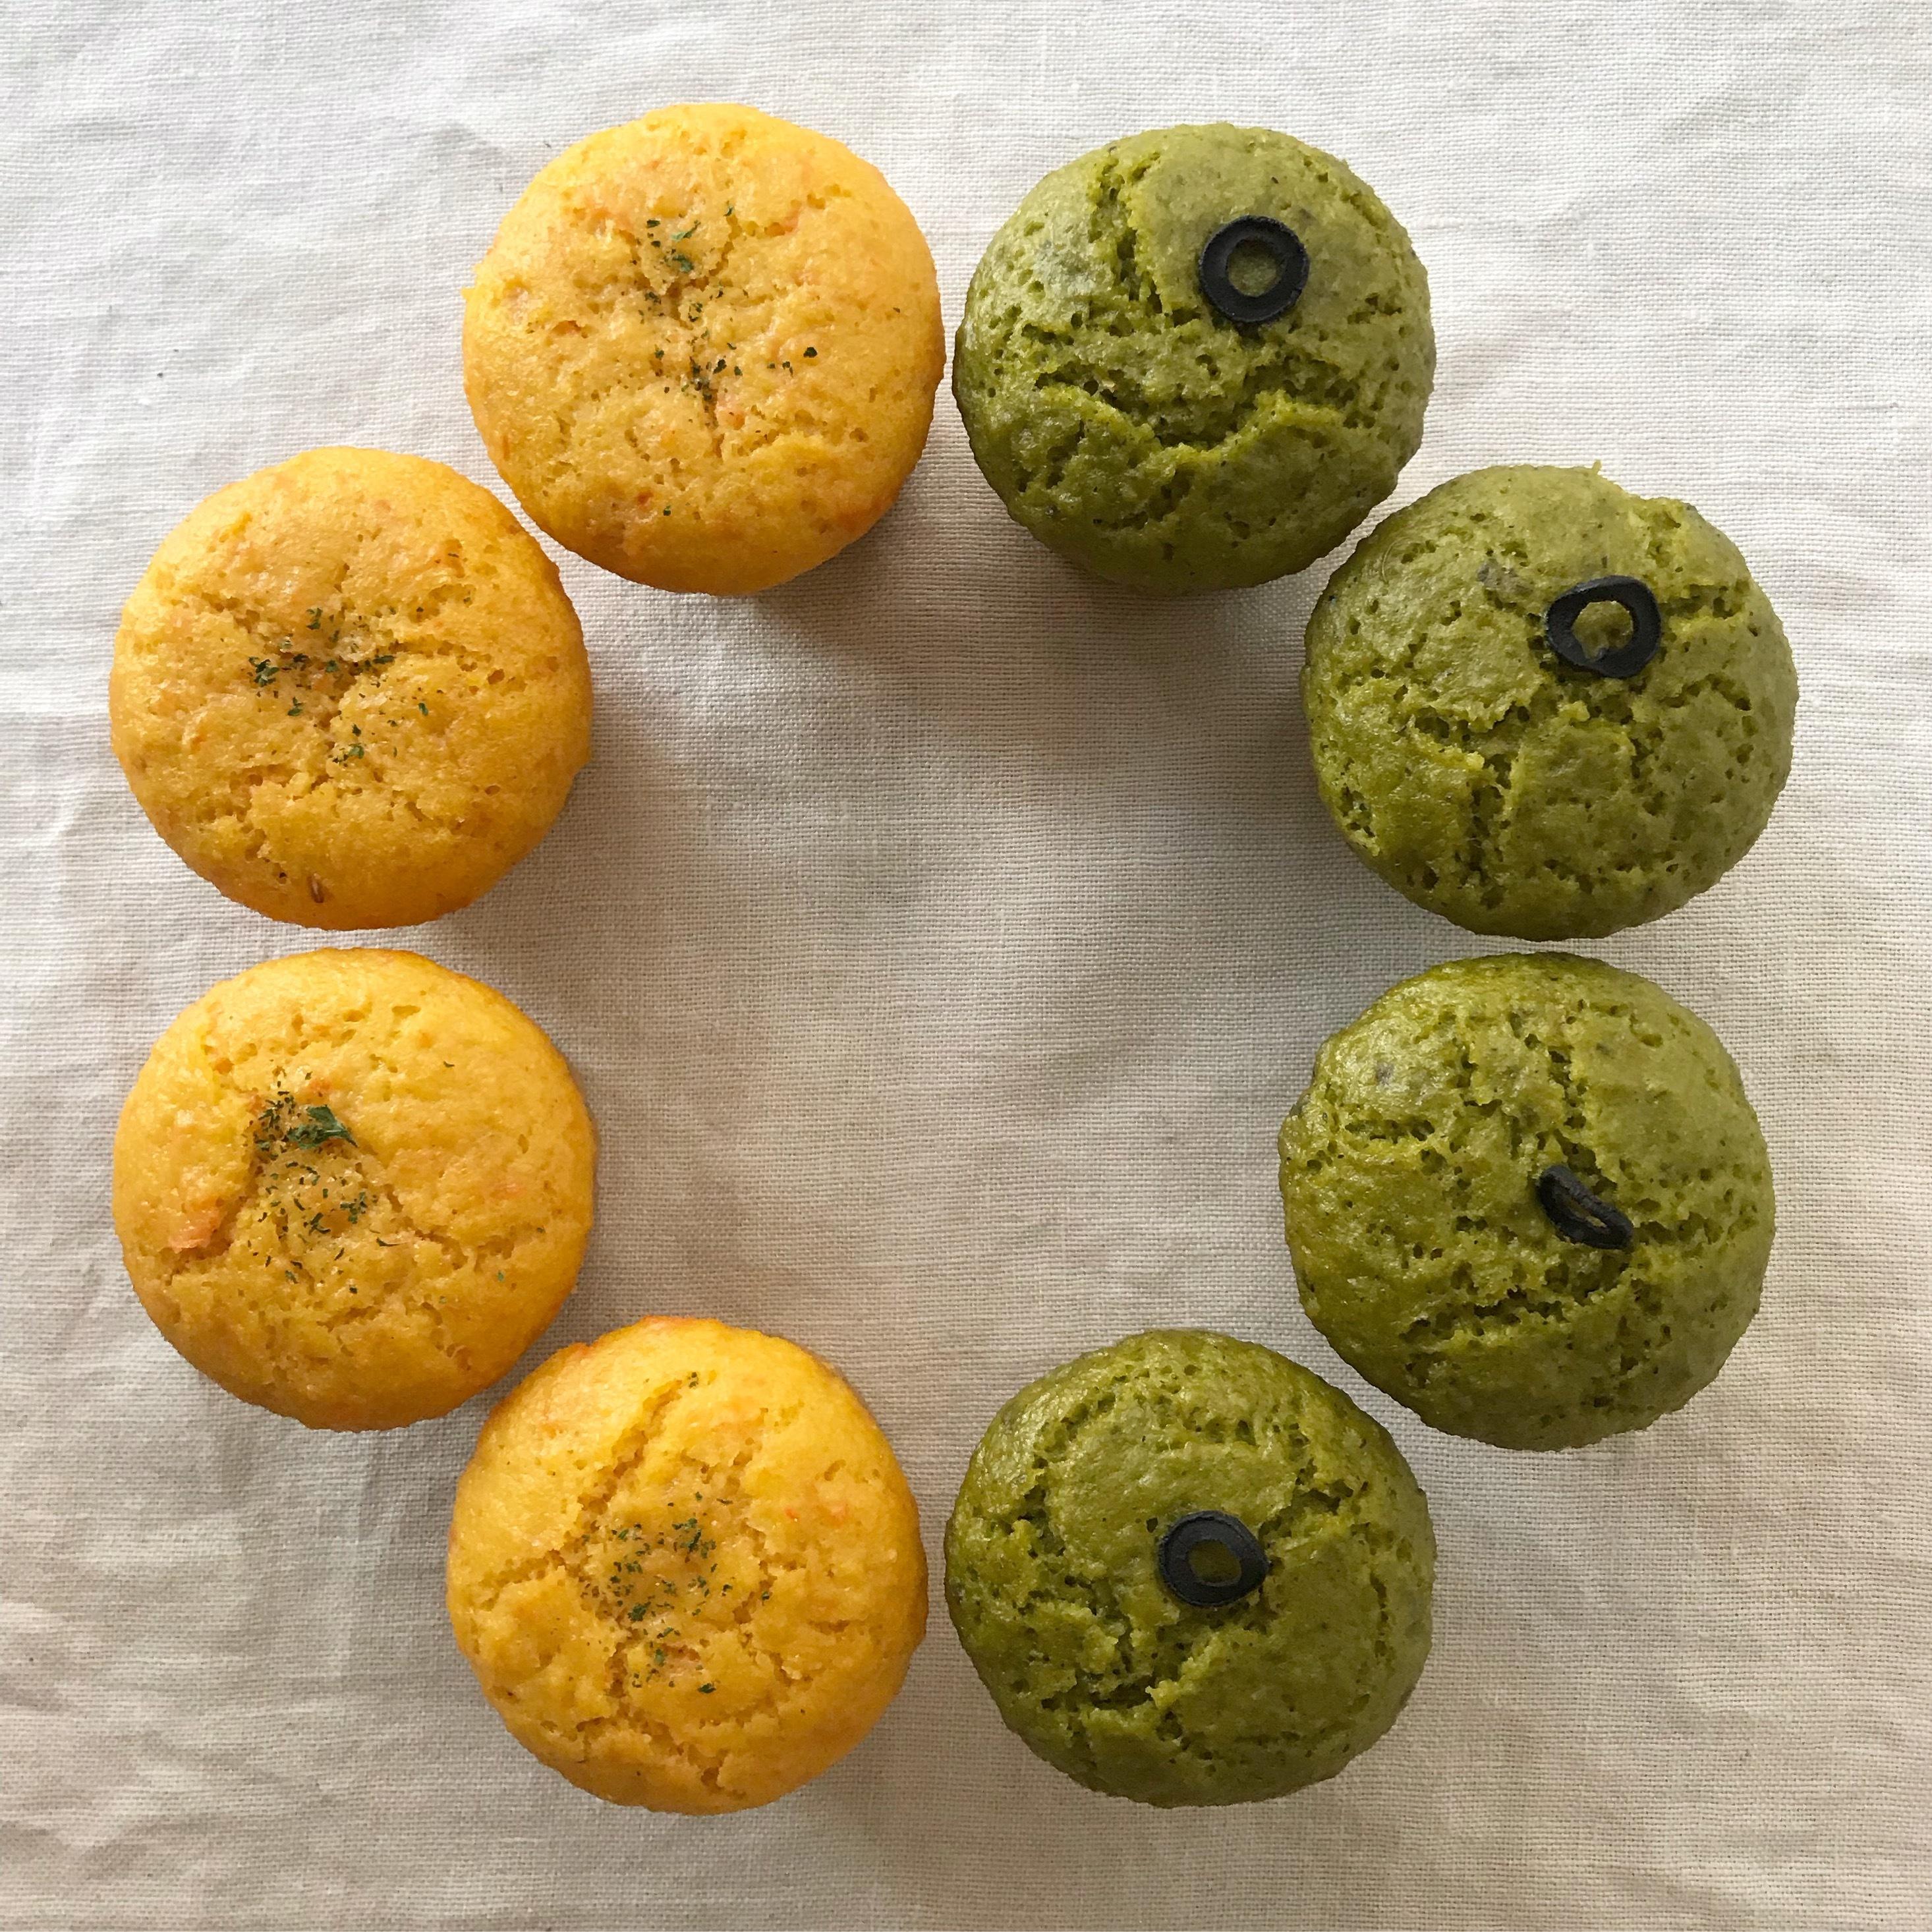 お野菜蒸しまふぃんミニセット にんじんほうれん草(8個入り)